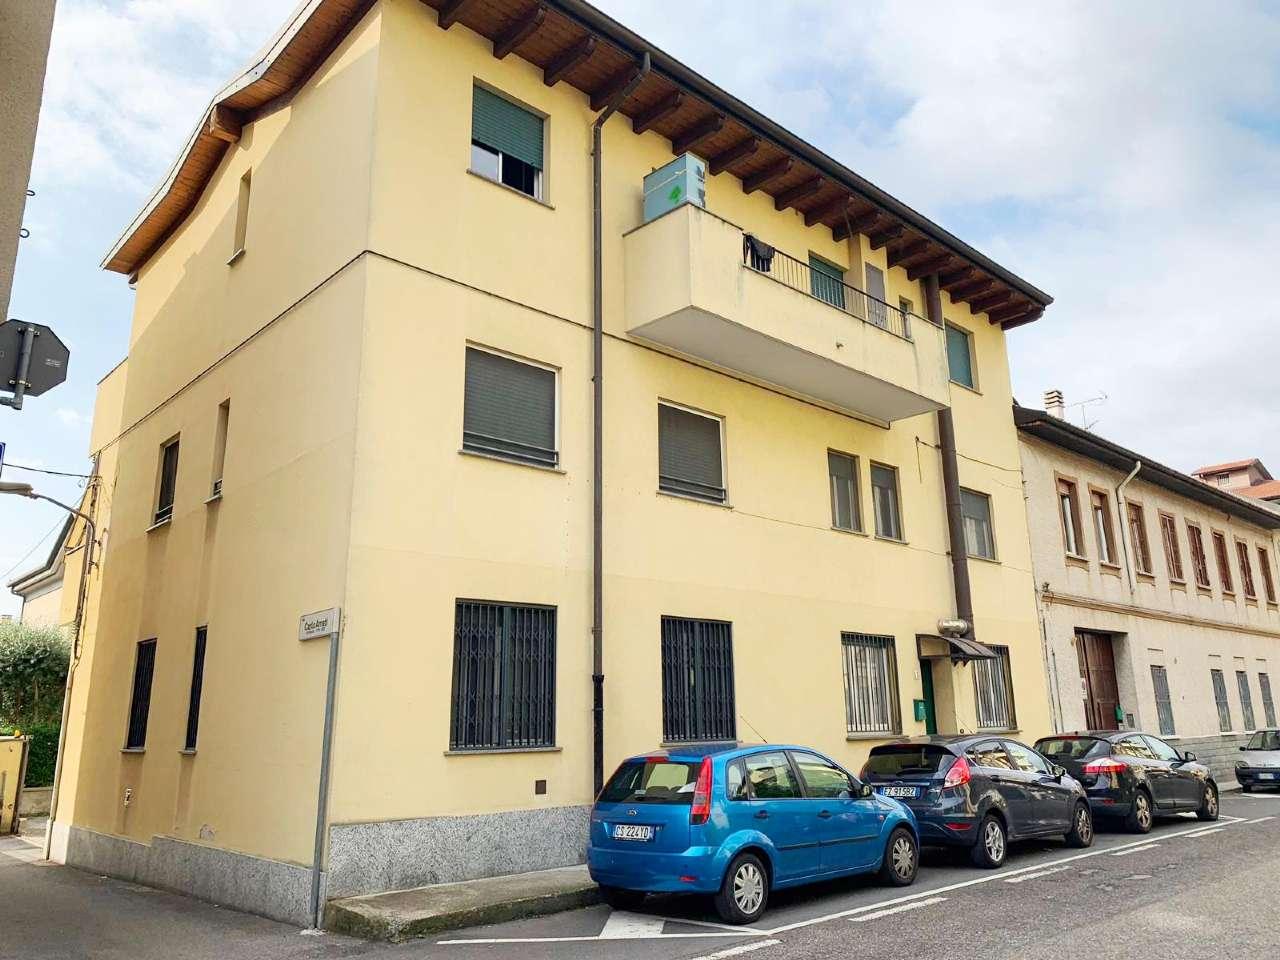 Appartamento in vendita a Lissone, 3 locali, prezzo € 115.000 | CambioCasa.it